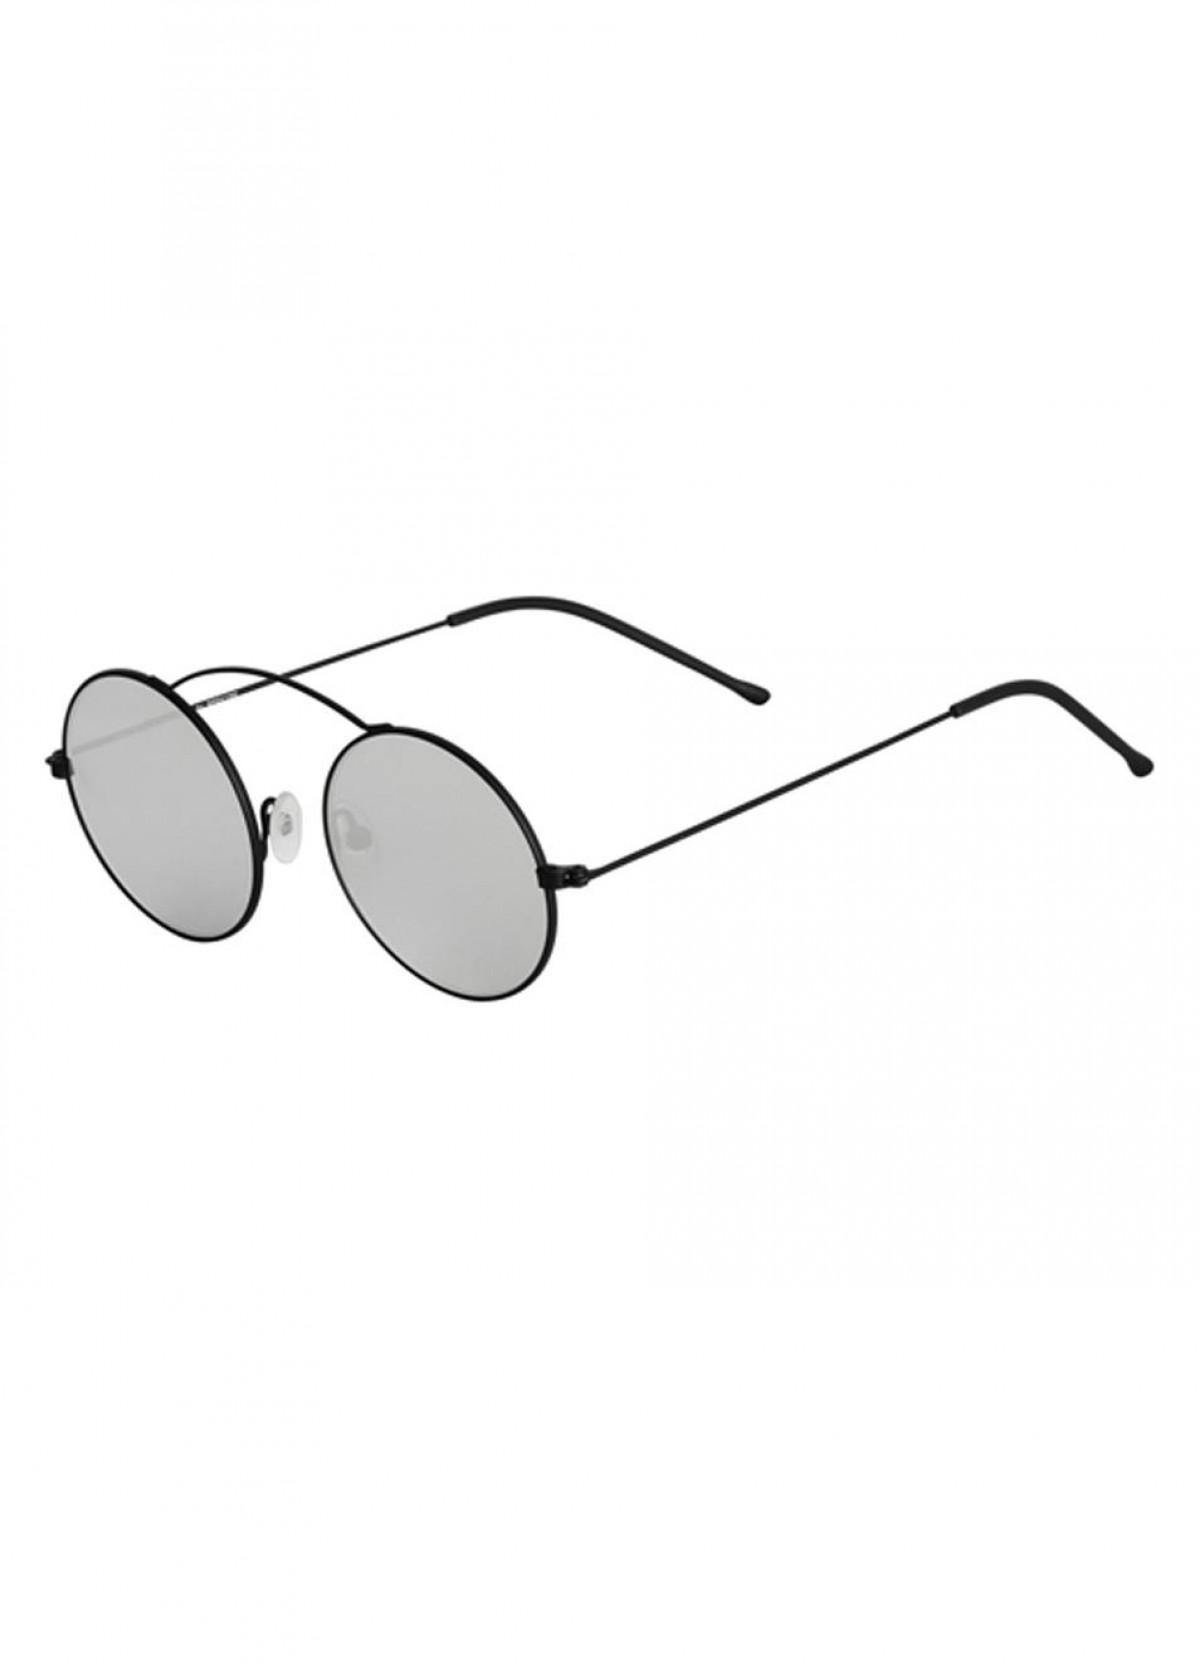 Spektre Metro Nero / Specchiato Argento, 120,00€, Occhiali Spektre Nero a forma Ovale